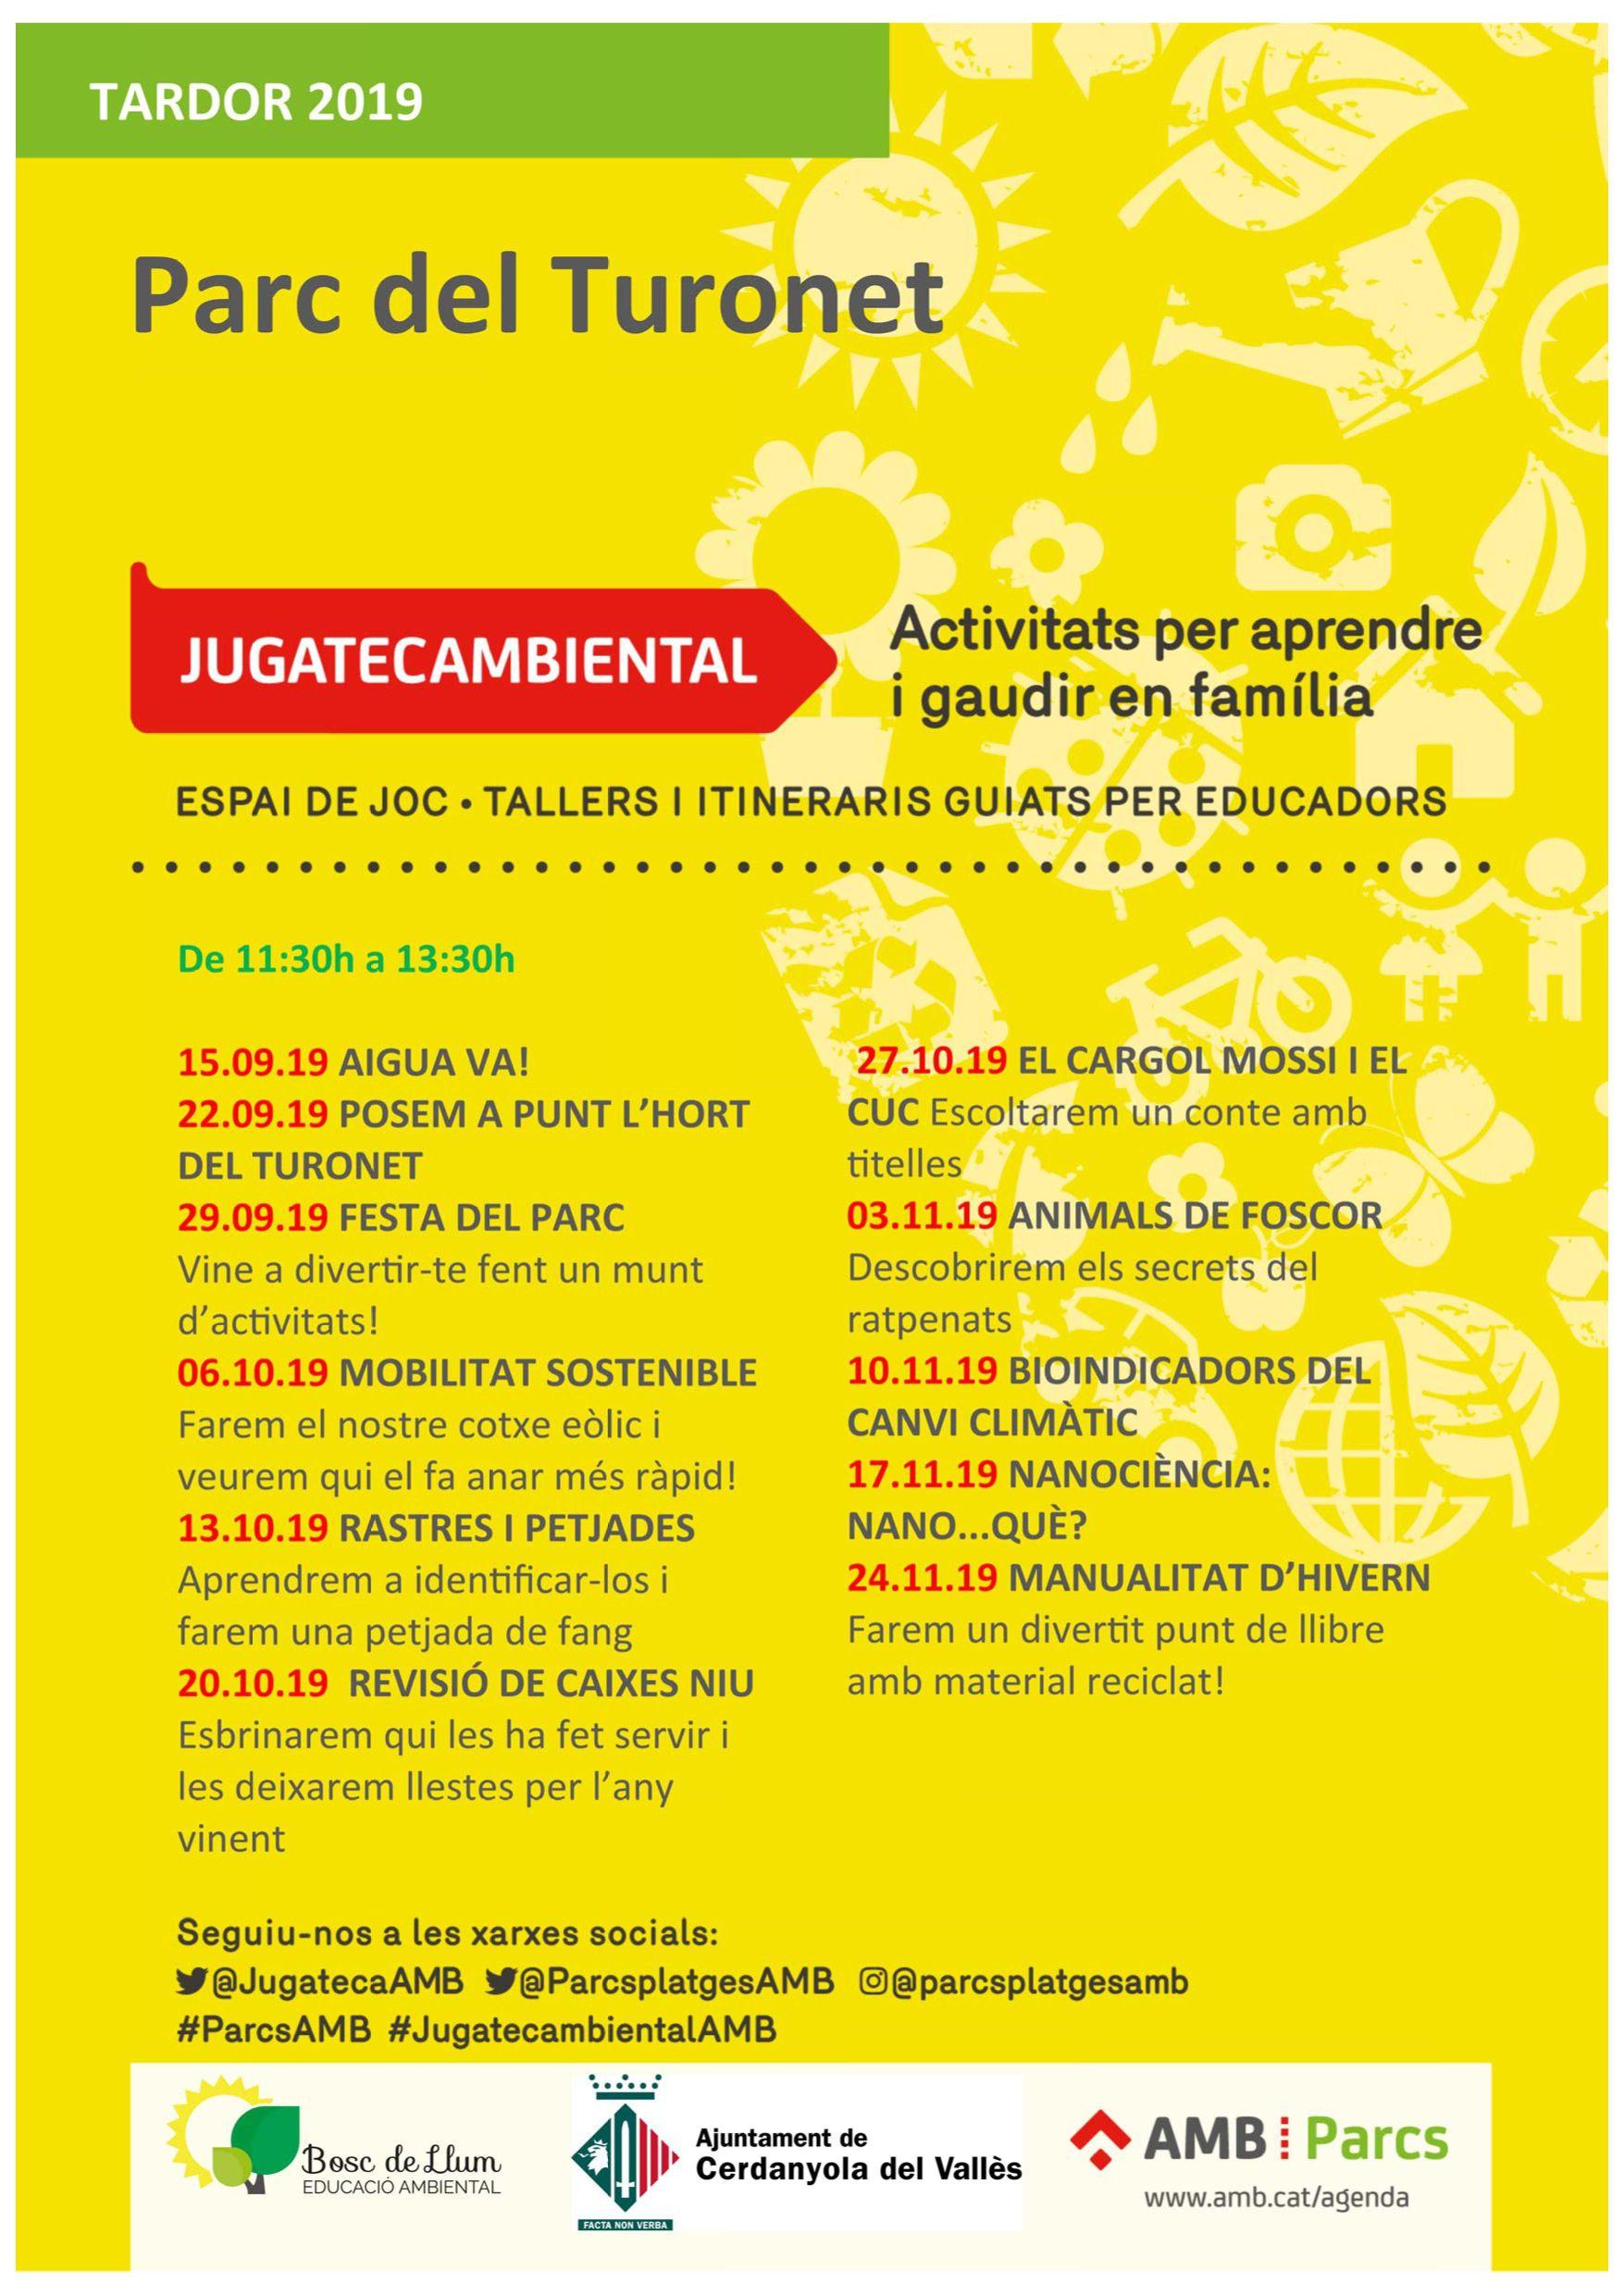 Les activitats de la Jugatecambiental